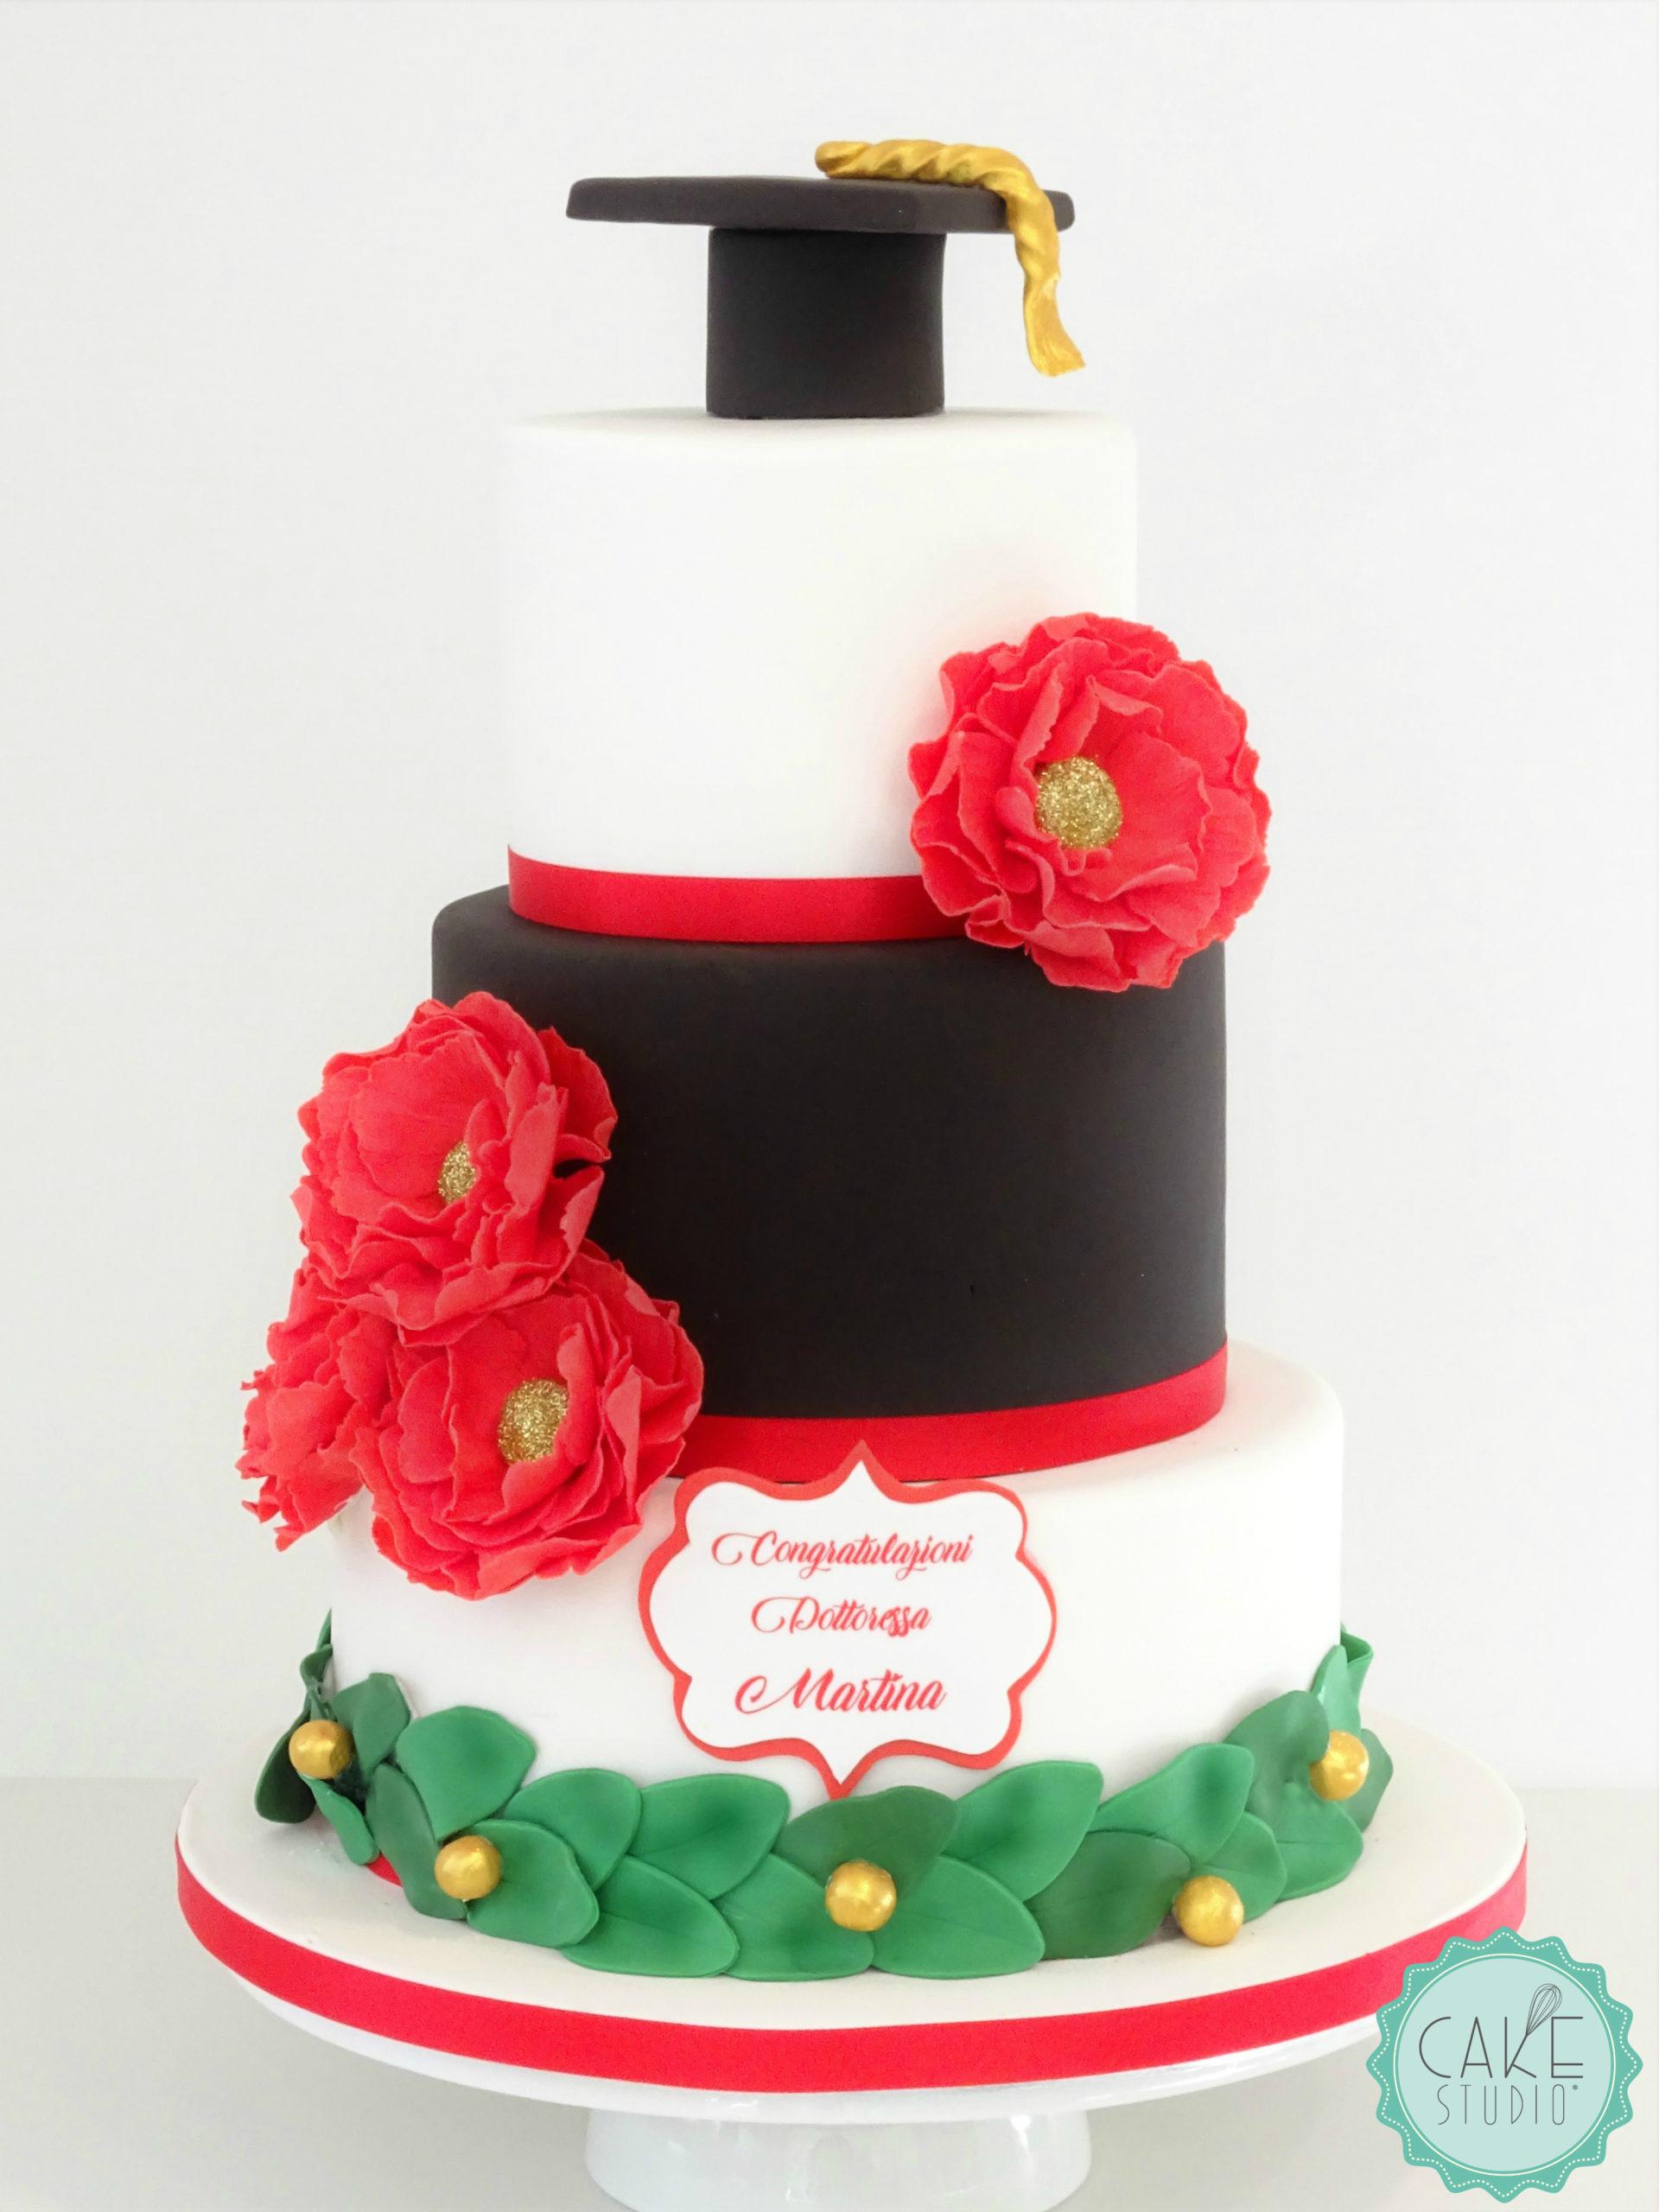 torta a piani per laurea con corona alloro e fiori rossi e tocco